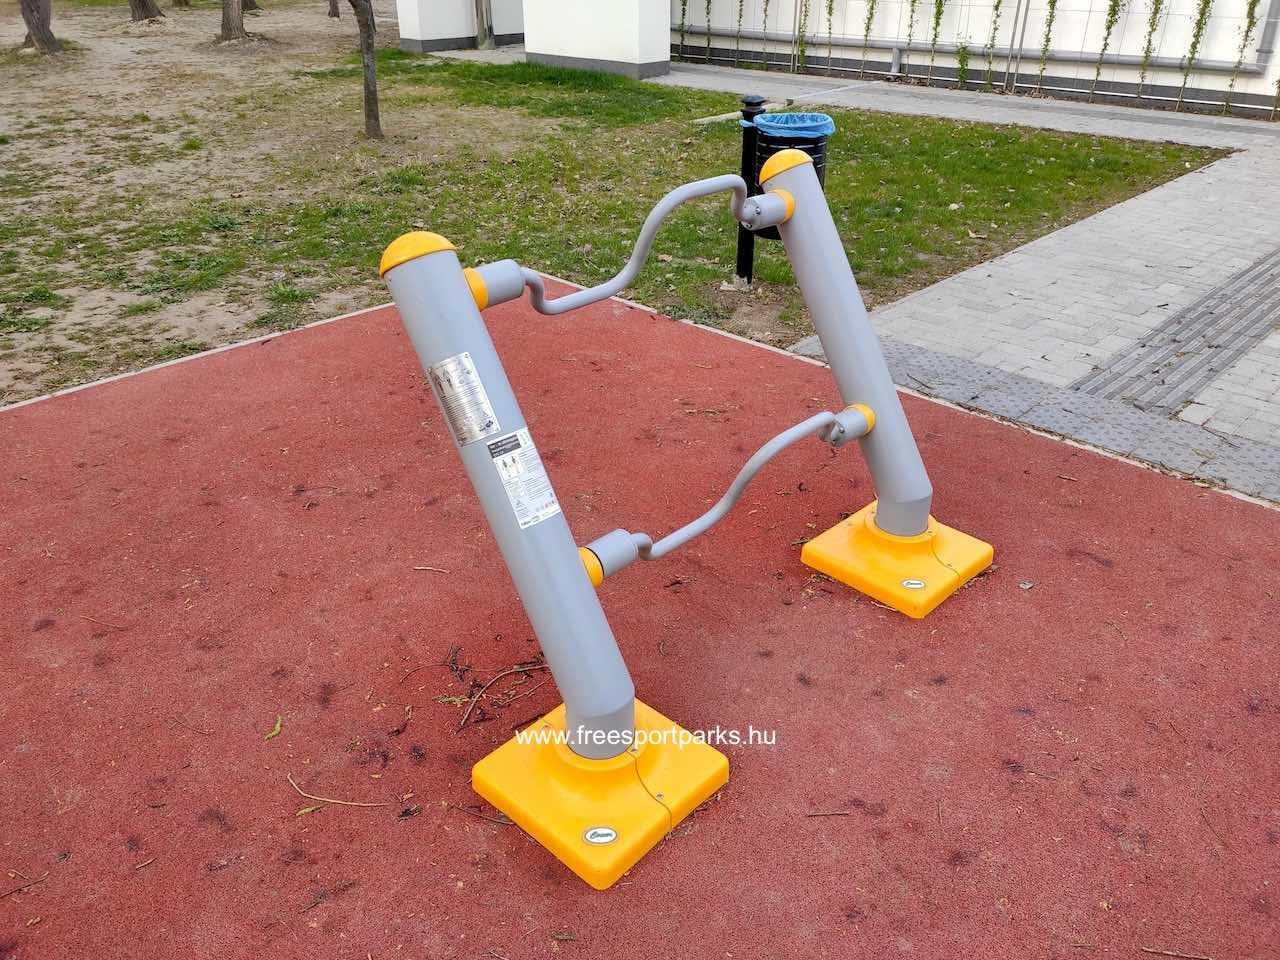 Kar és lábmozgató gép - Palotavárosi szabadidőpark Székesfehérvár